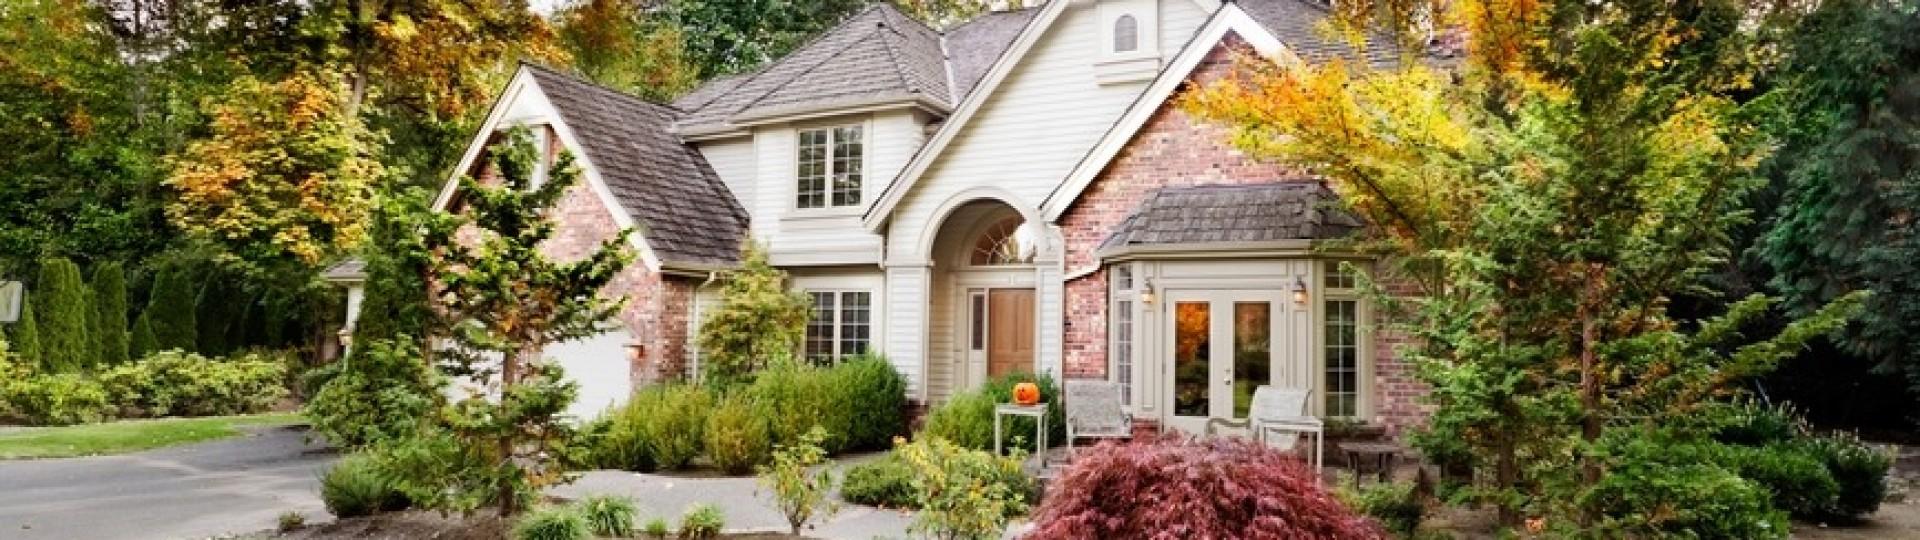 Családi házak eladása, és teljeskörű hitelügyintézés